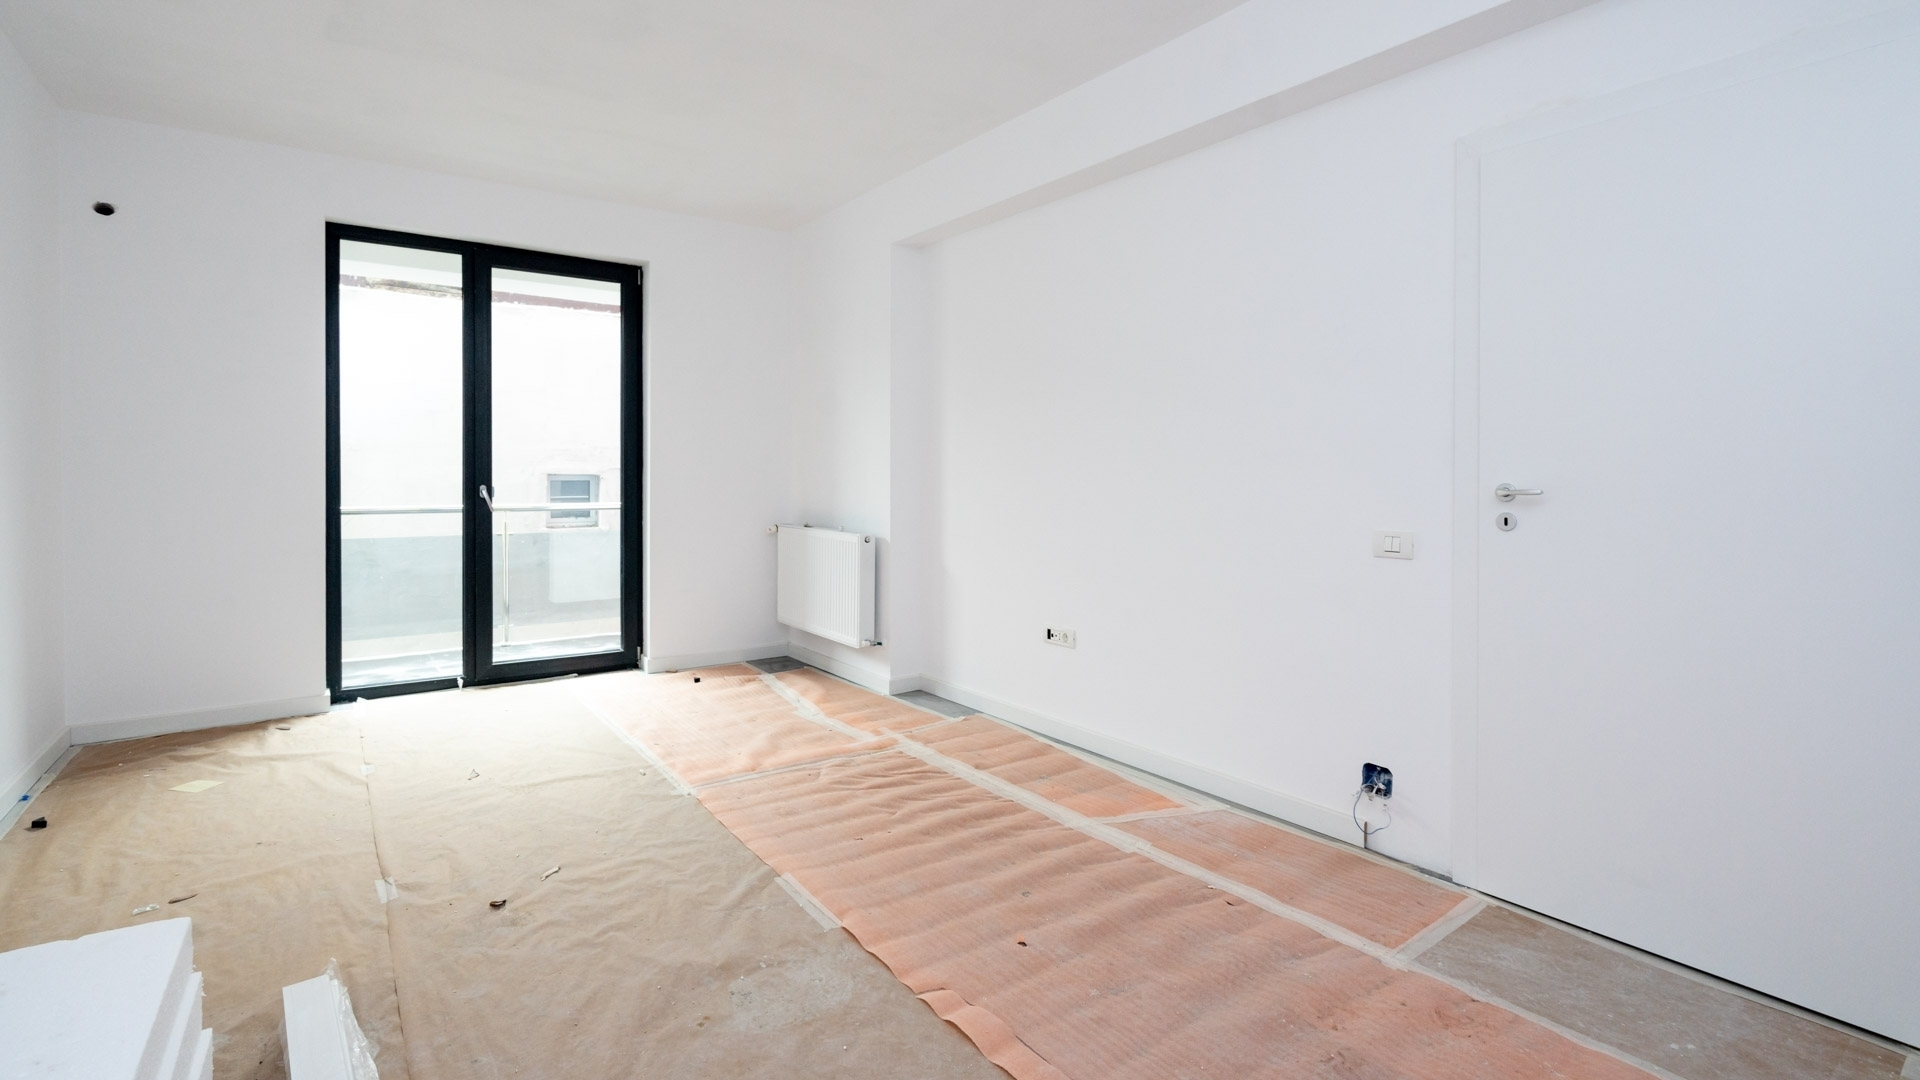 camera-apartament-bloc-2019-regie-crangasi-golescu-45